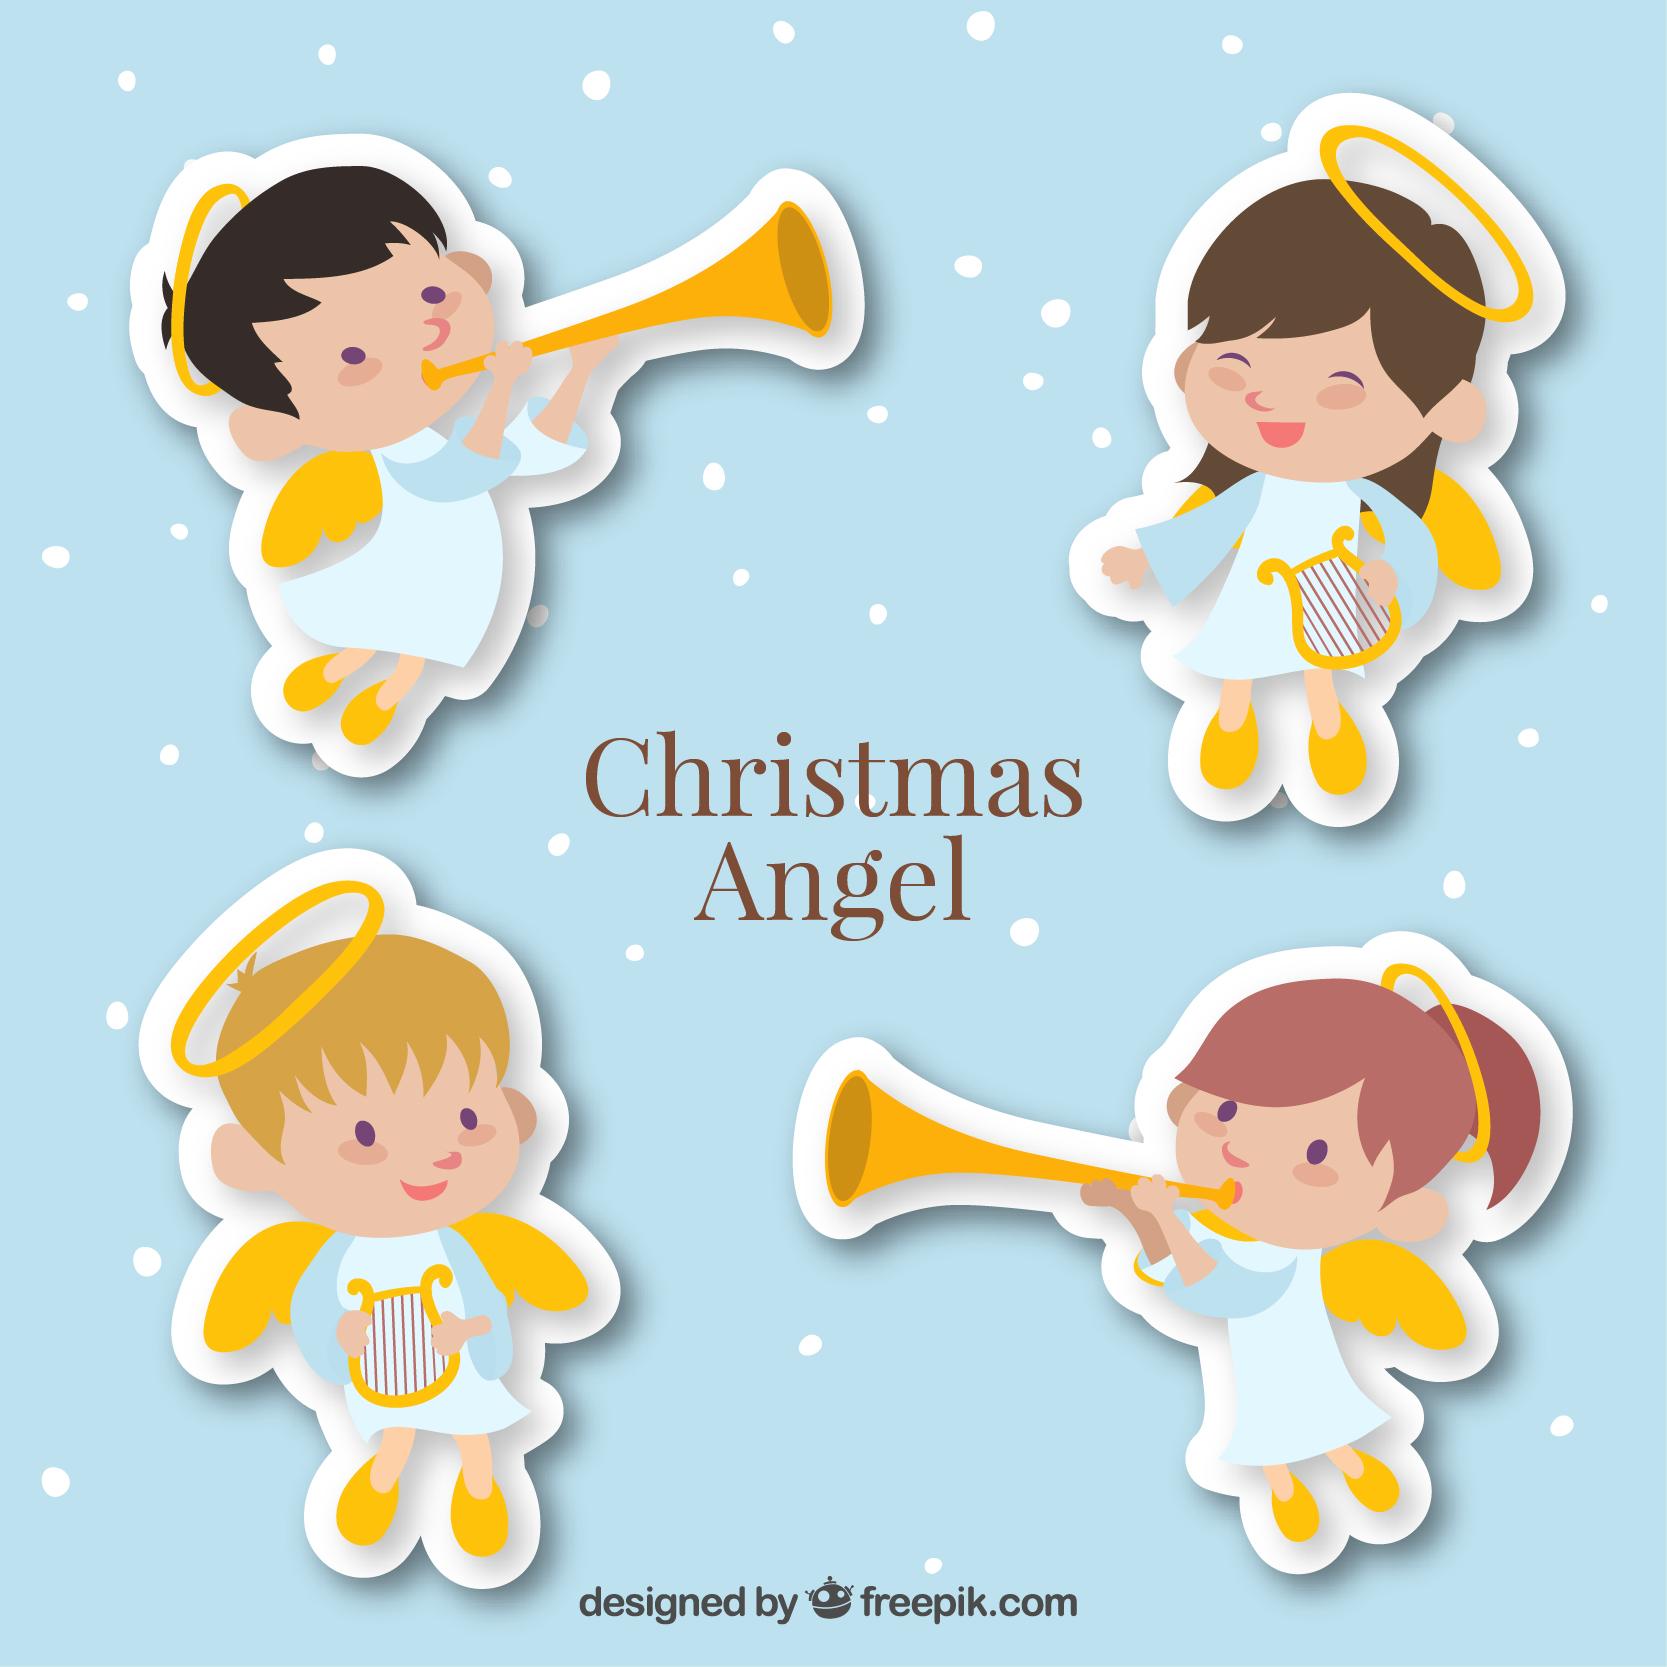 香港非主流聖誕歌精選集 3 – 熟悉但叫不出名字的旋律(上)